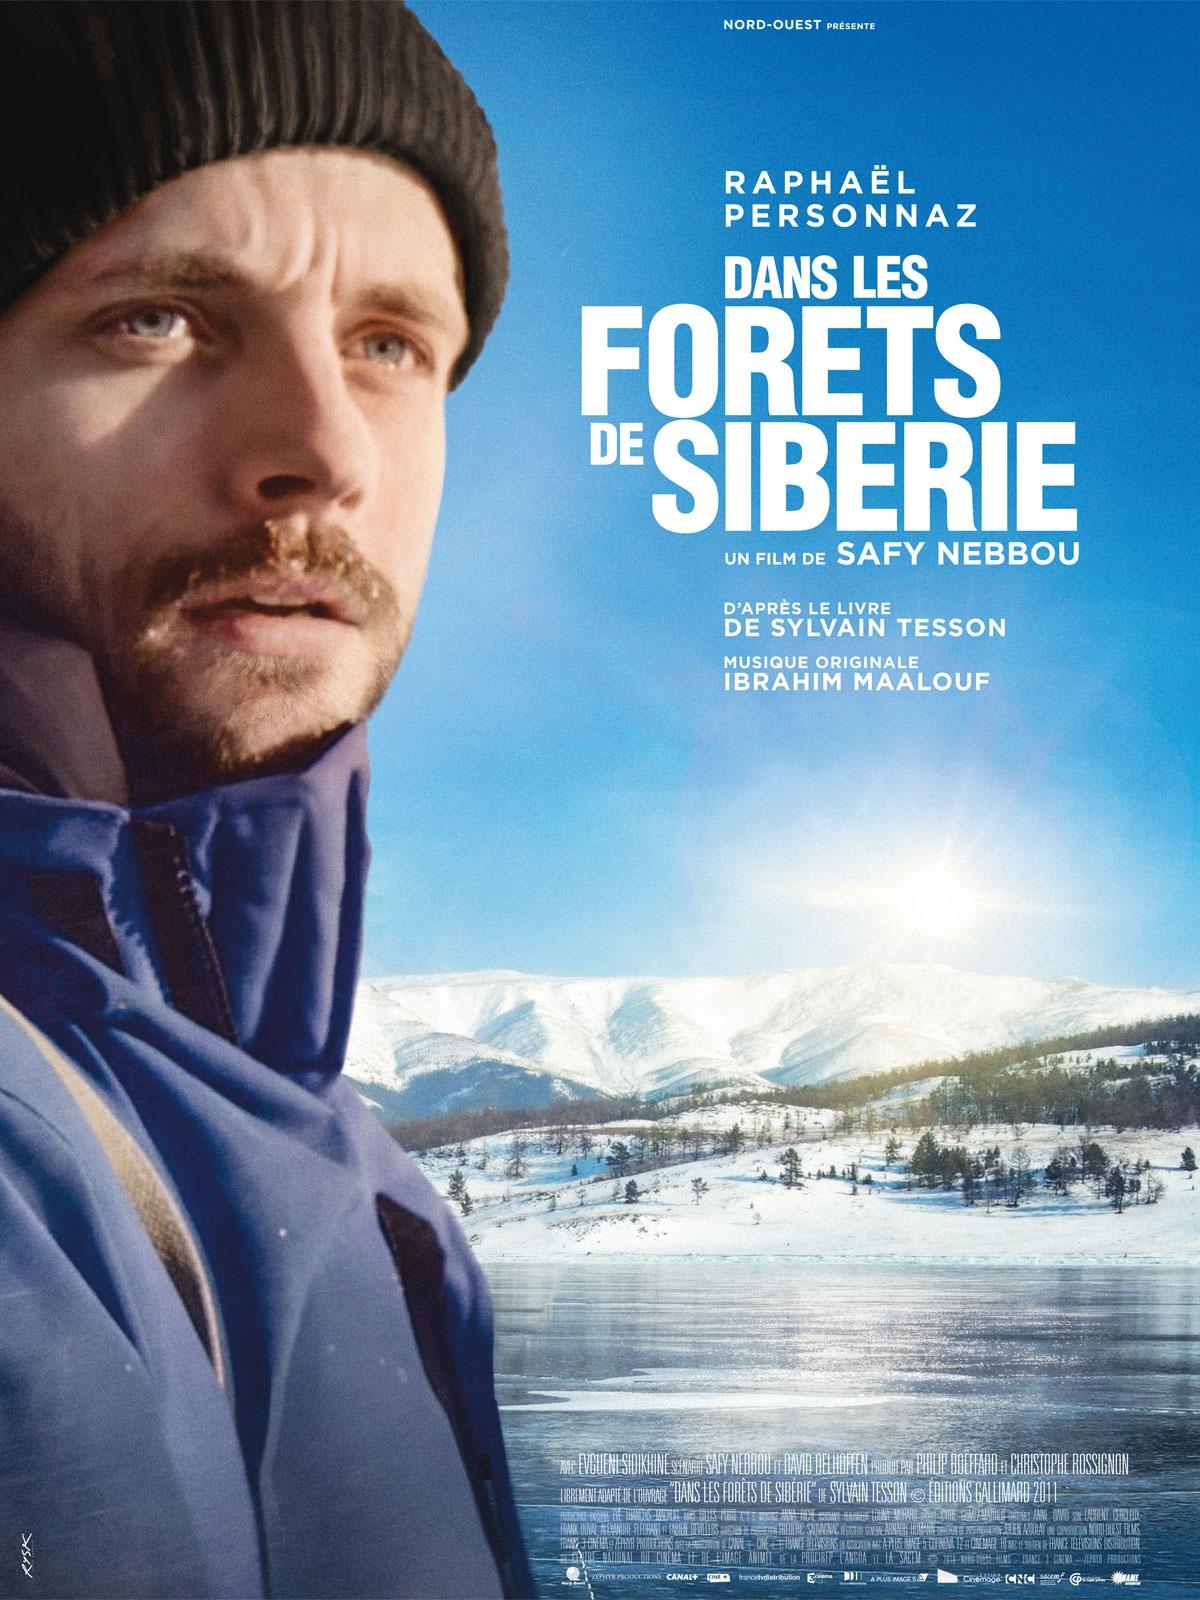 film,aventure,sibérie,forêt,sylvain tesson,lac baïkal,russie,raphaël personnaz,cinéma,liberté,littérature,voyage